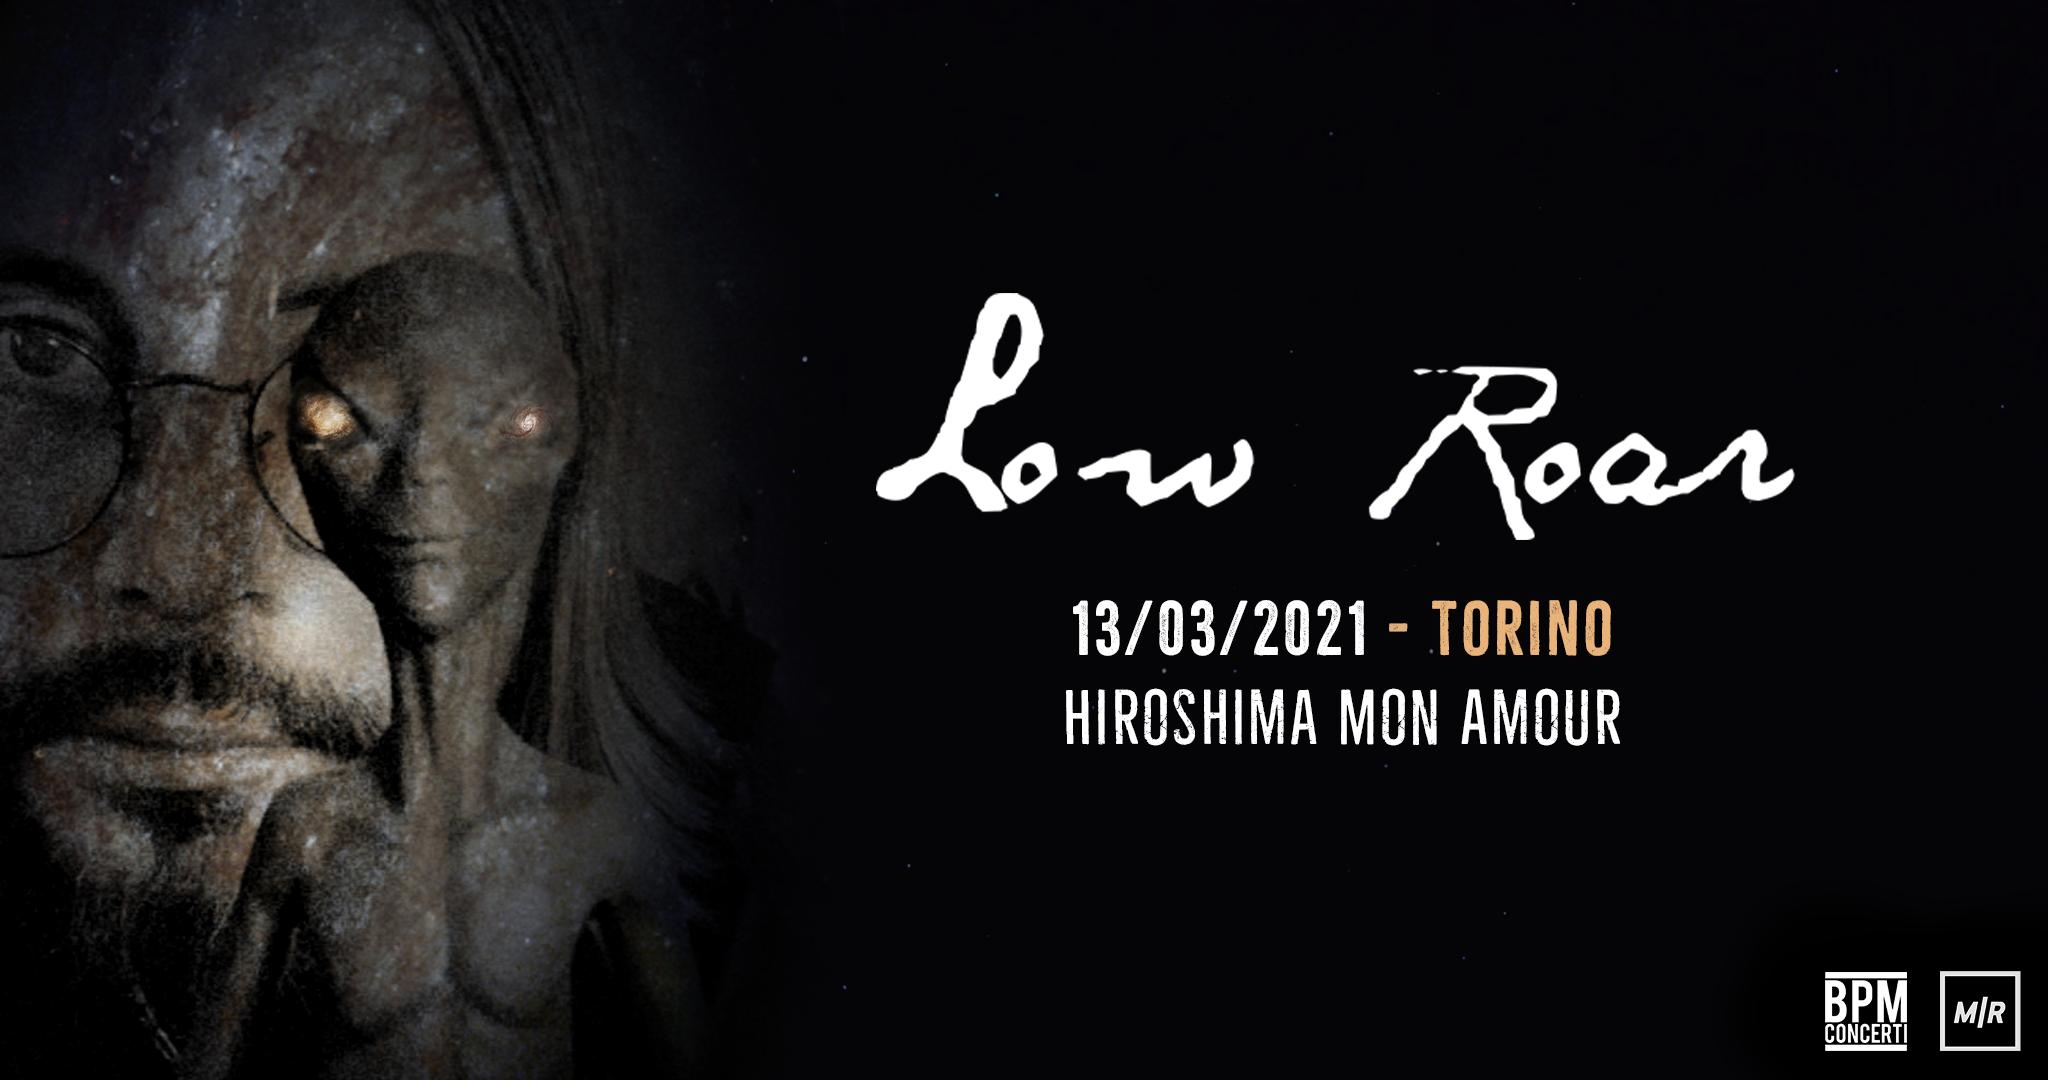 low roar biglietti concerti hiroshima mon amour torino 13 marzo 2021